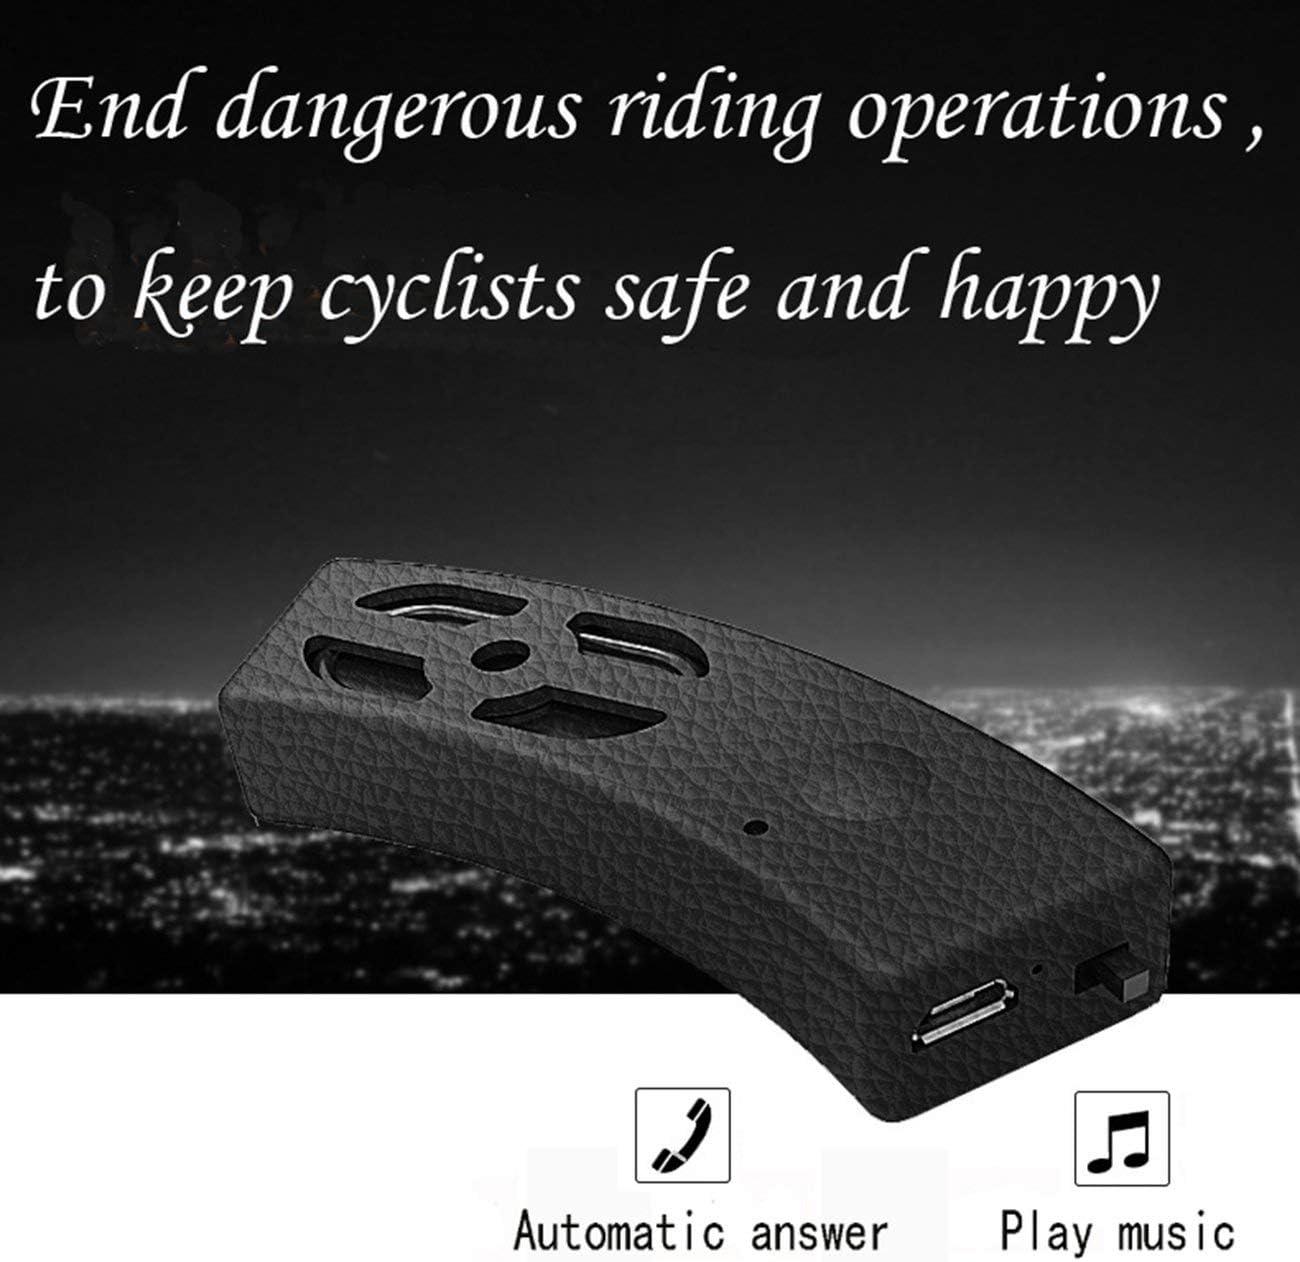 Casco de la Motocicleta Altavoz inal/ámbrico con micr/ófono Contestar Llamadas Impermeable Bicicleta Intercomunicador Altavoces Auriculares Plata